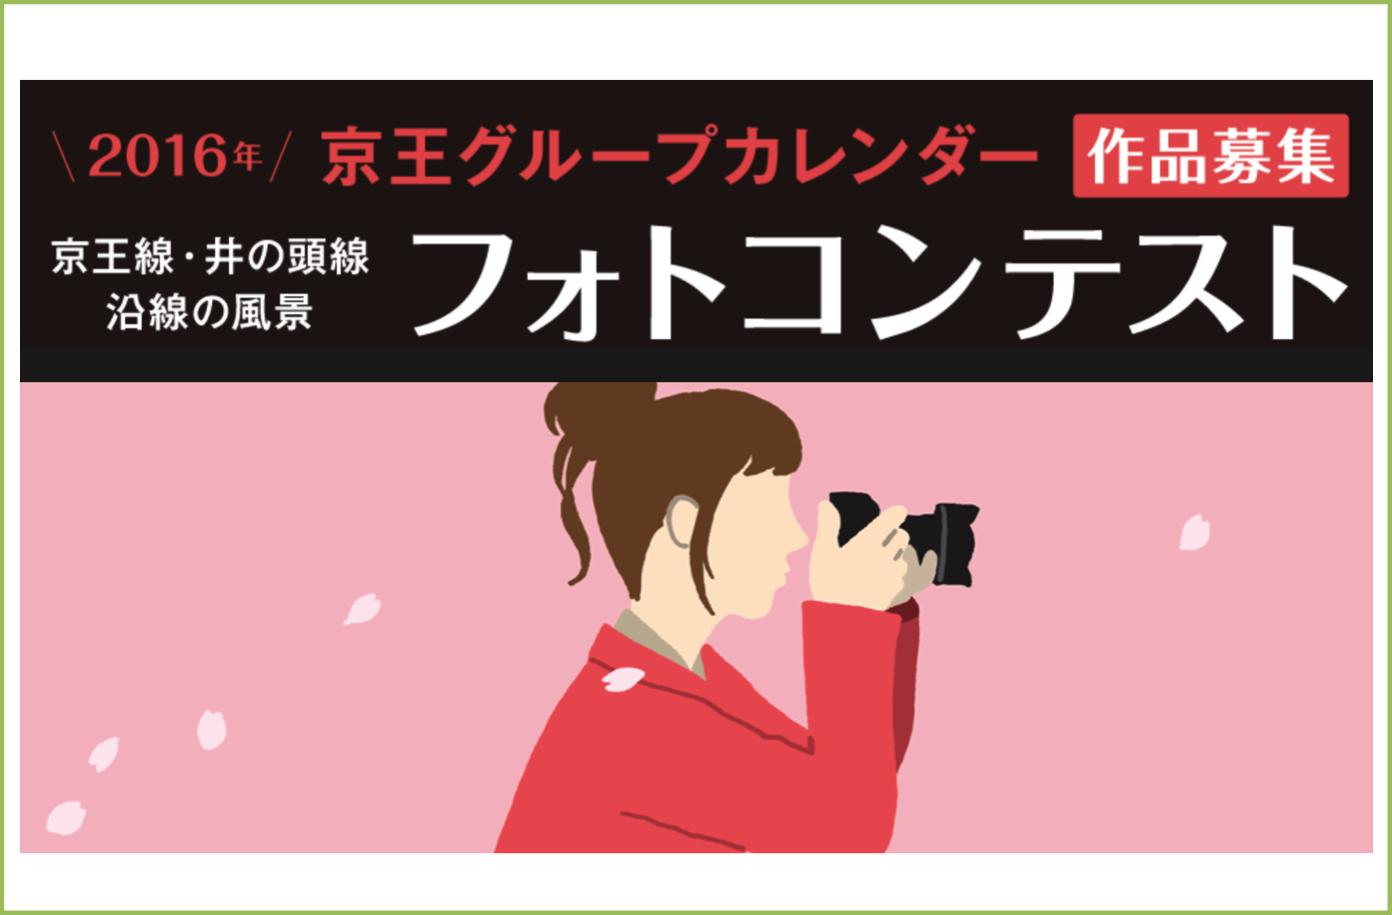 2016年京王グループカレンダー掲載のチャンス!京王線・井の頭線沿線の風景フォトコンテストやってるよ